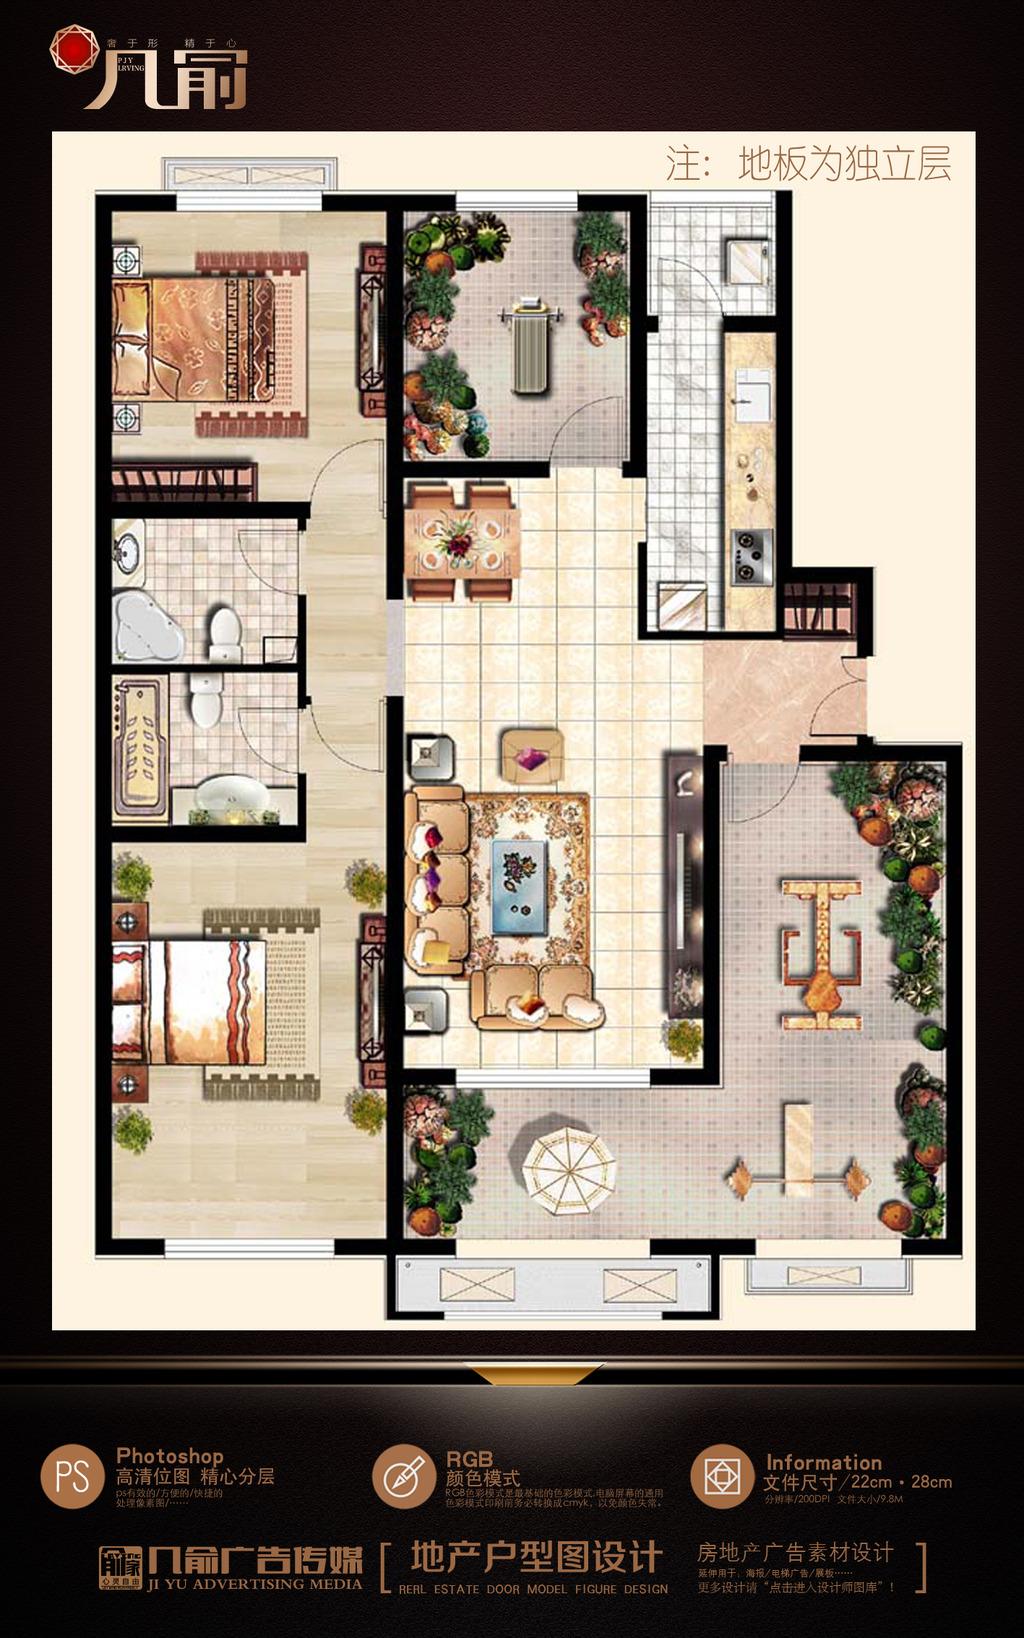 高清手绘房地产户型图